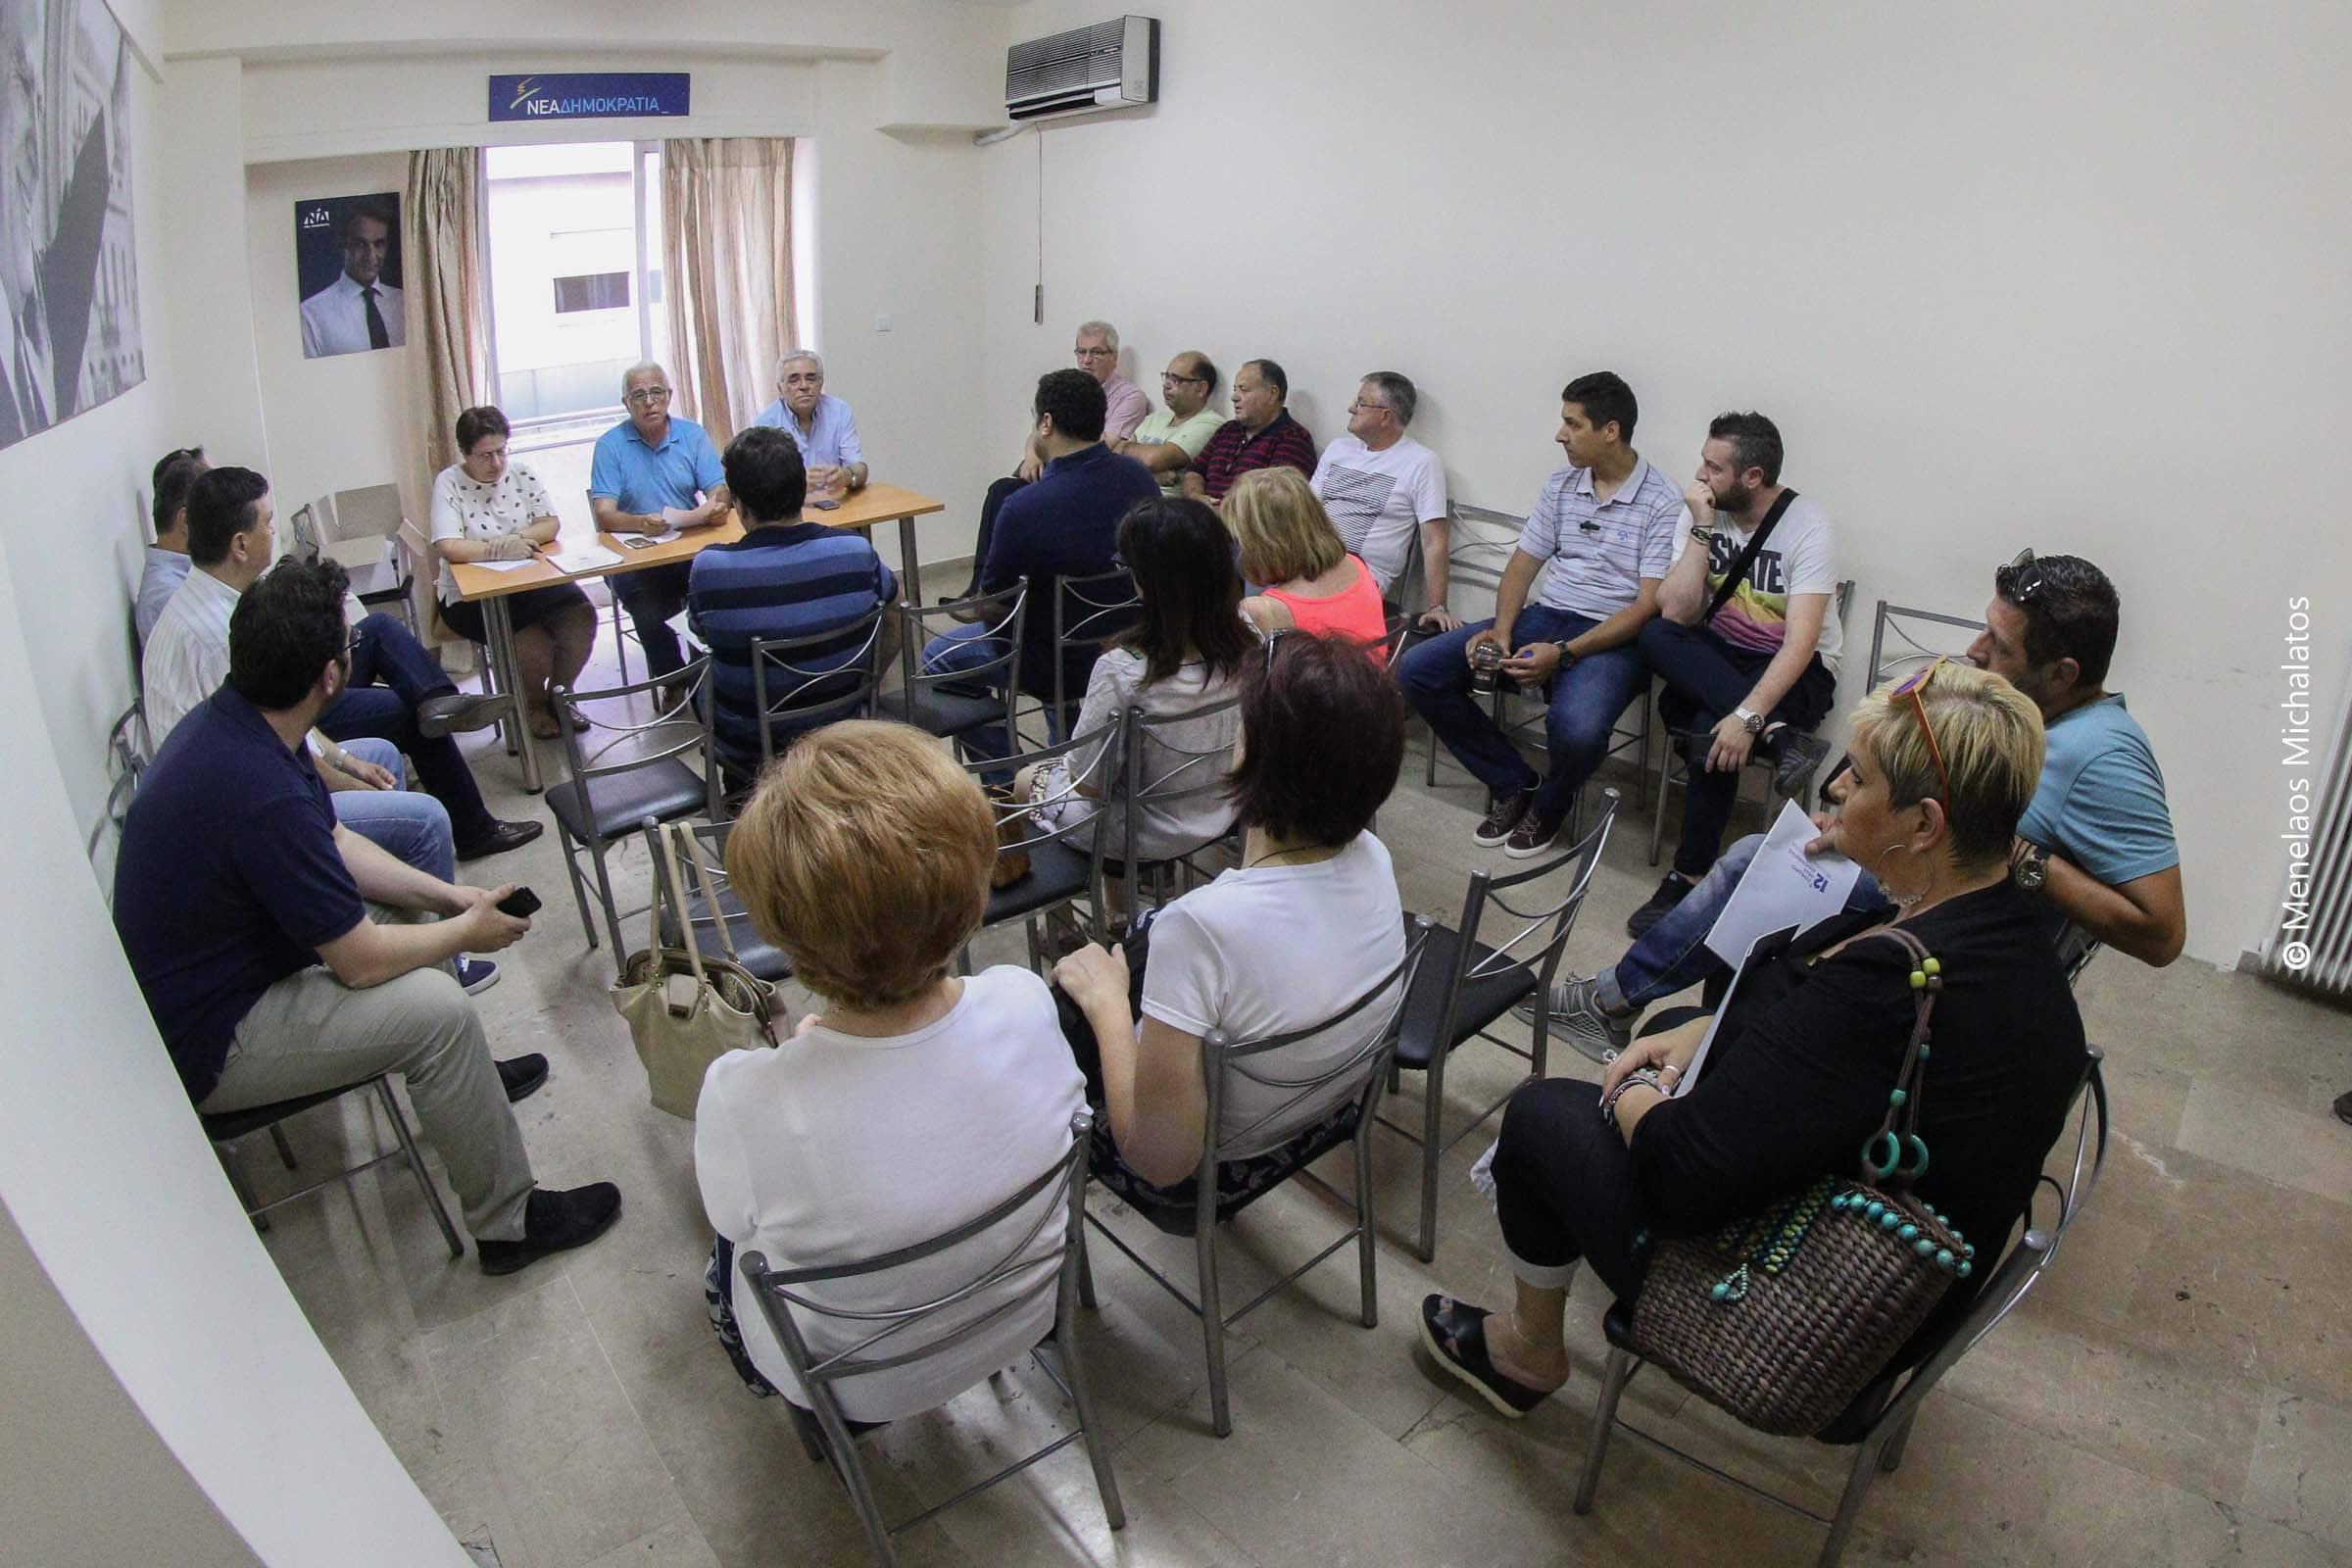 Αντώνης Κουνάβης - Η πρώτη επίσημη δήλωση υποψηφιότητας για την τοπική κάλπη της Ν.Δ.